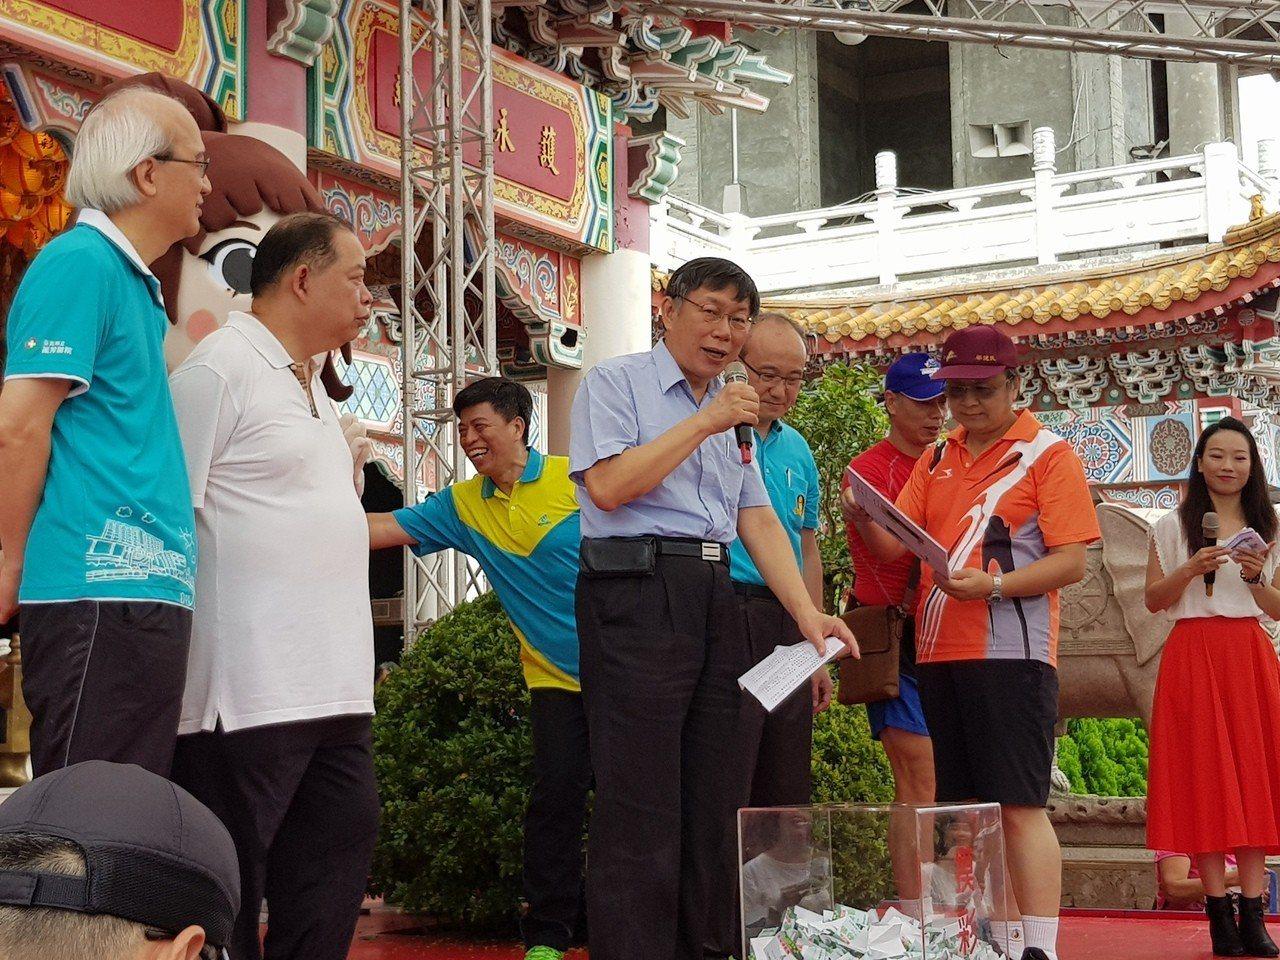 柯文哲今早到指南宮出席文山區健行暨運動社團運動表演活動並受訪。記者翁浩然/攝影